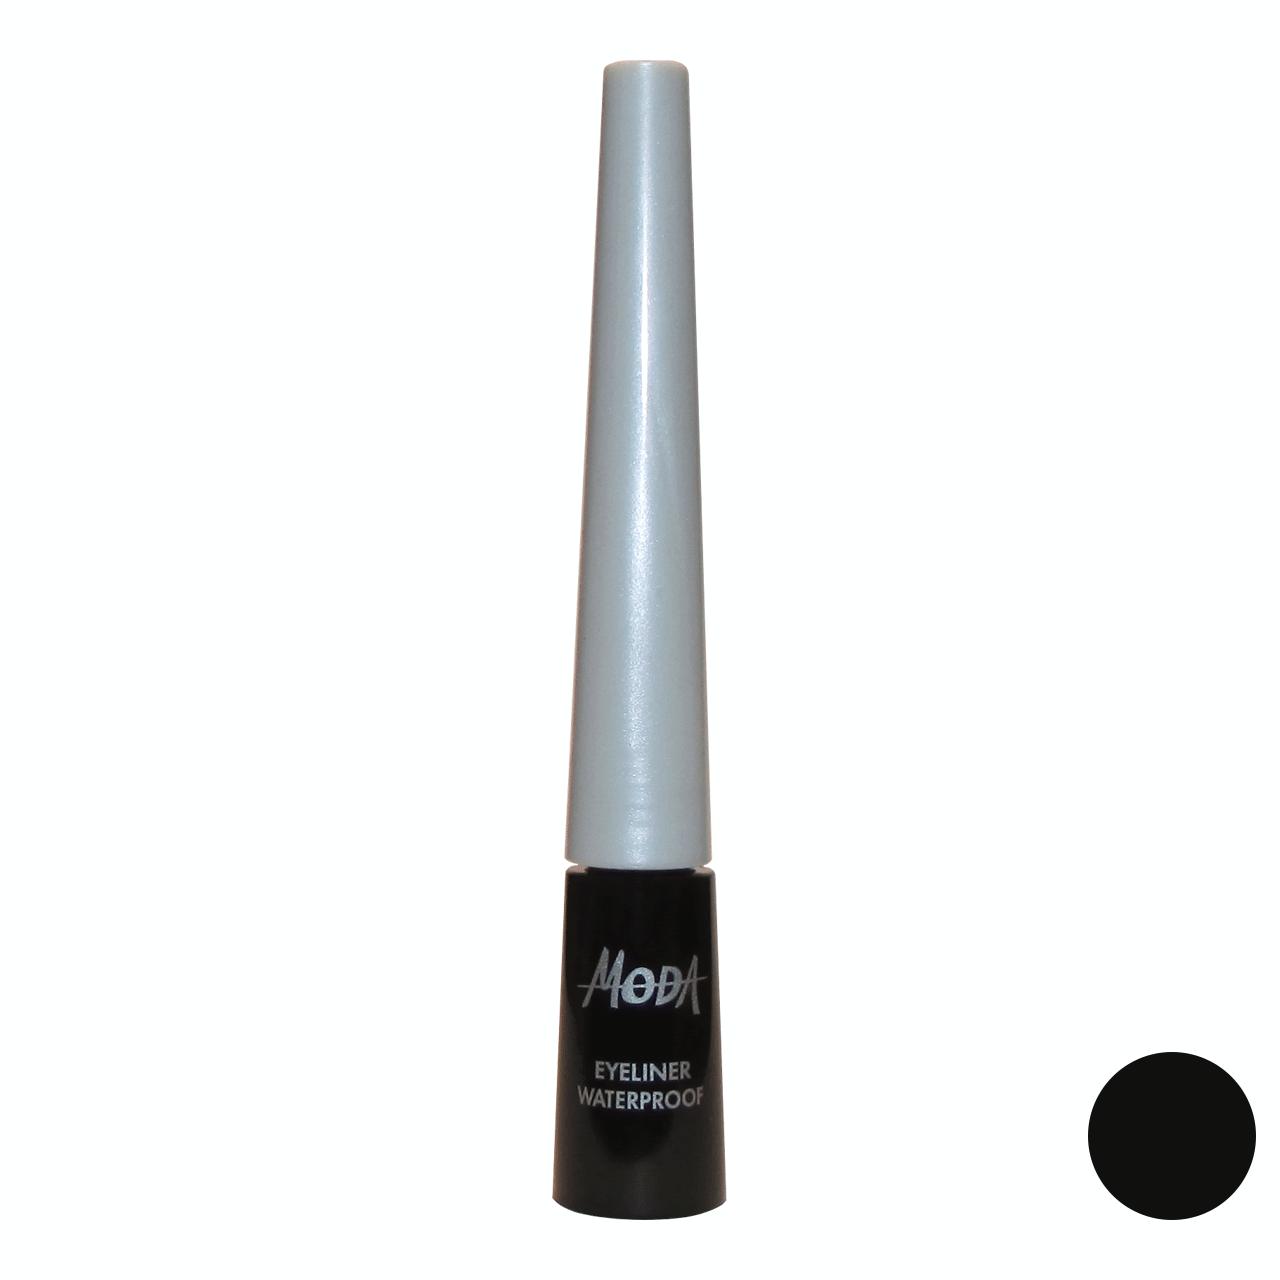 خط چشم مودا مدل eyeliner waterproof